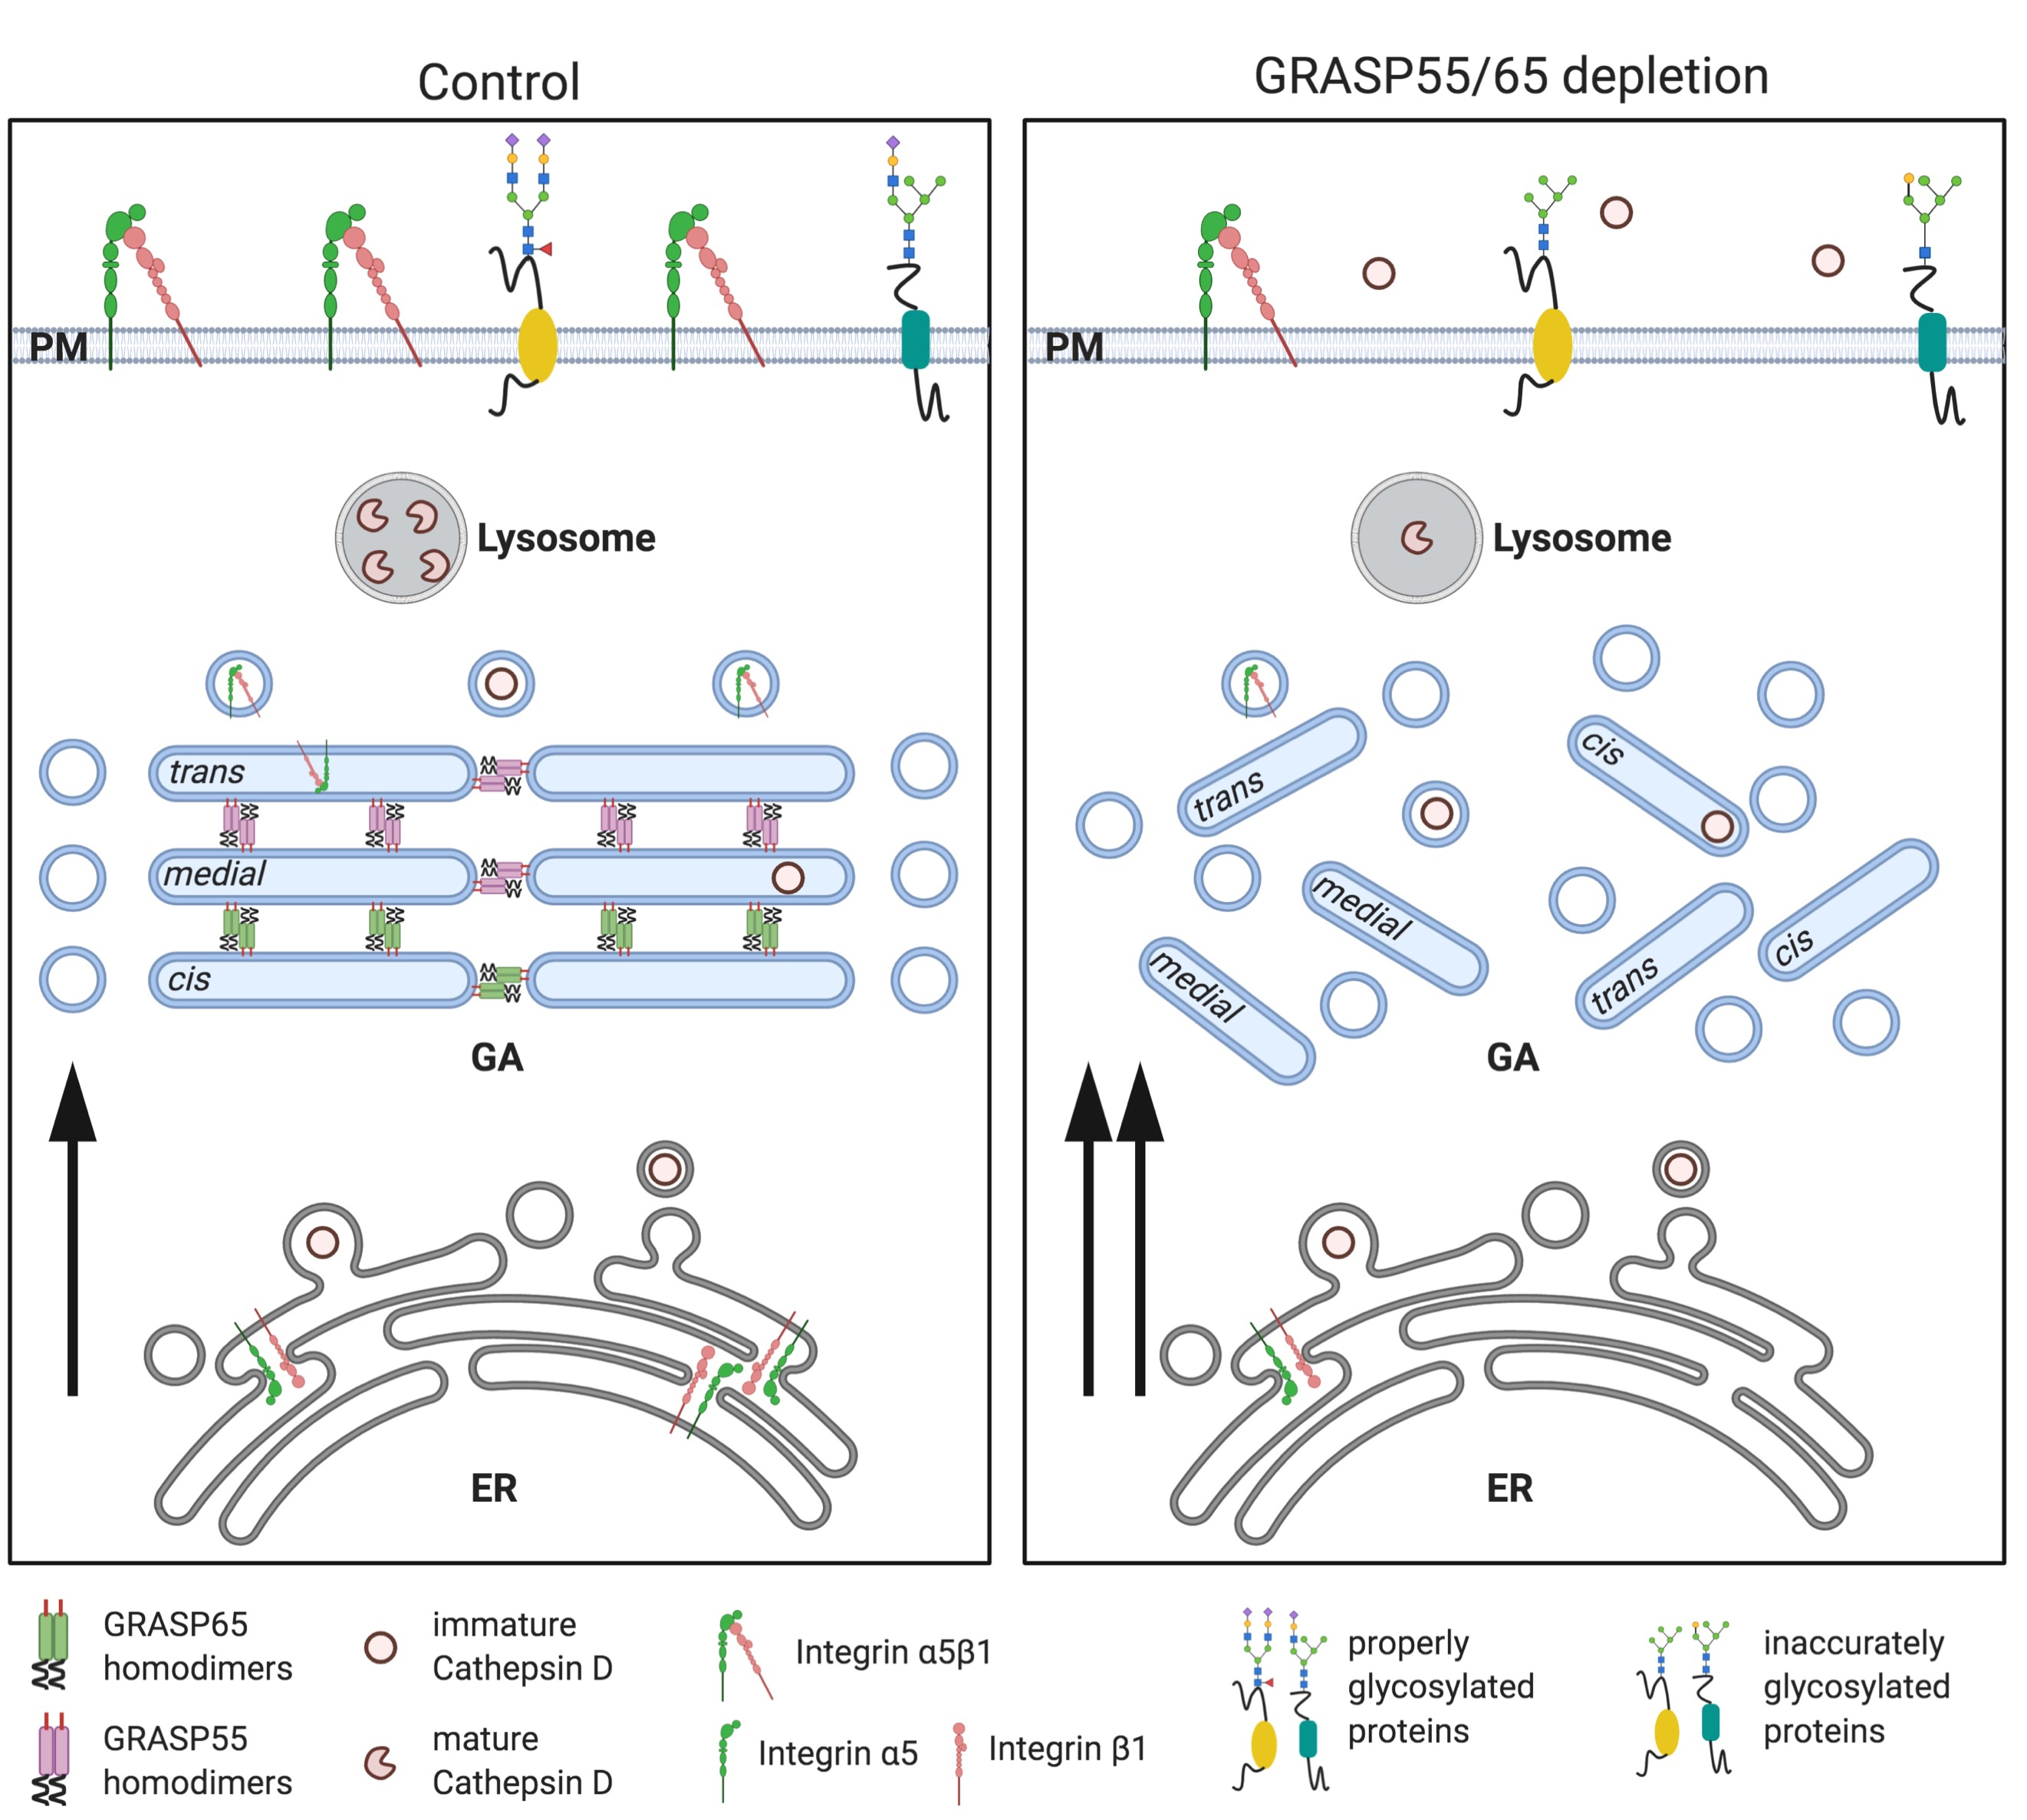 GRASP蛋白维护高尔基体结构,对蛋白质的正确糖基化修饰和分选起重要调节作用